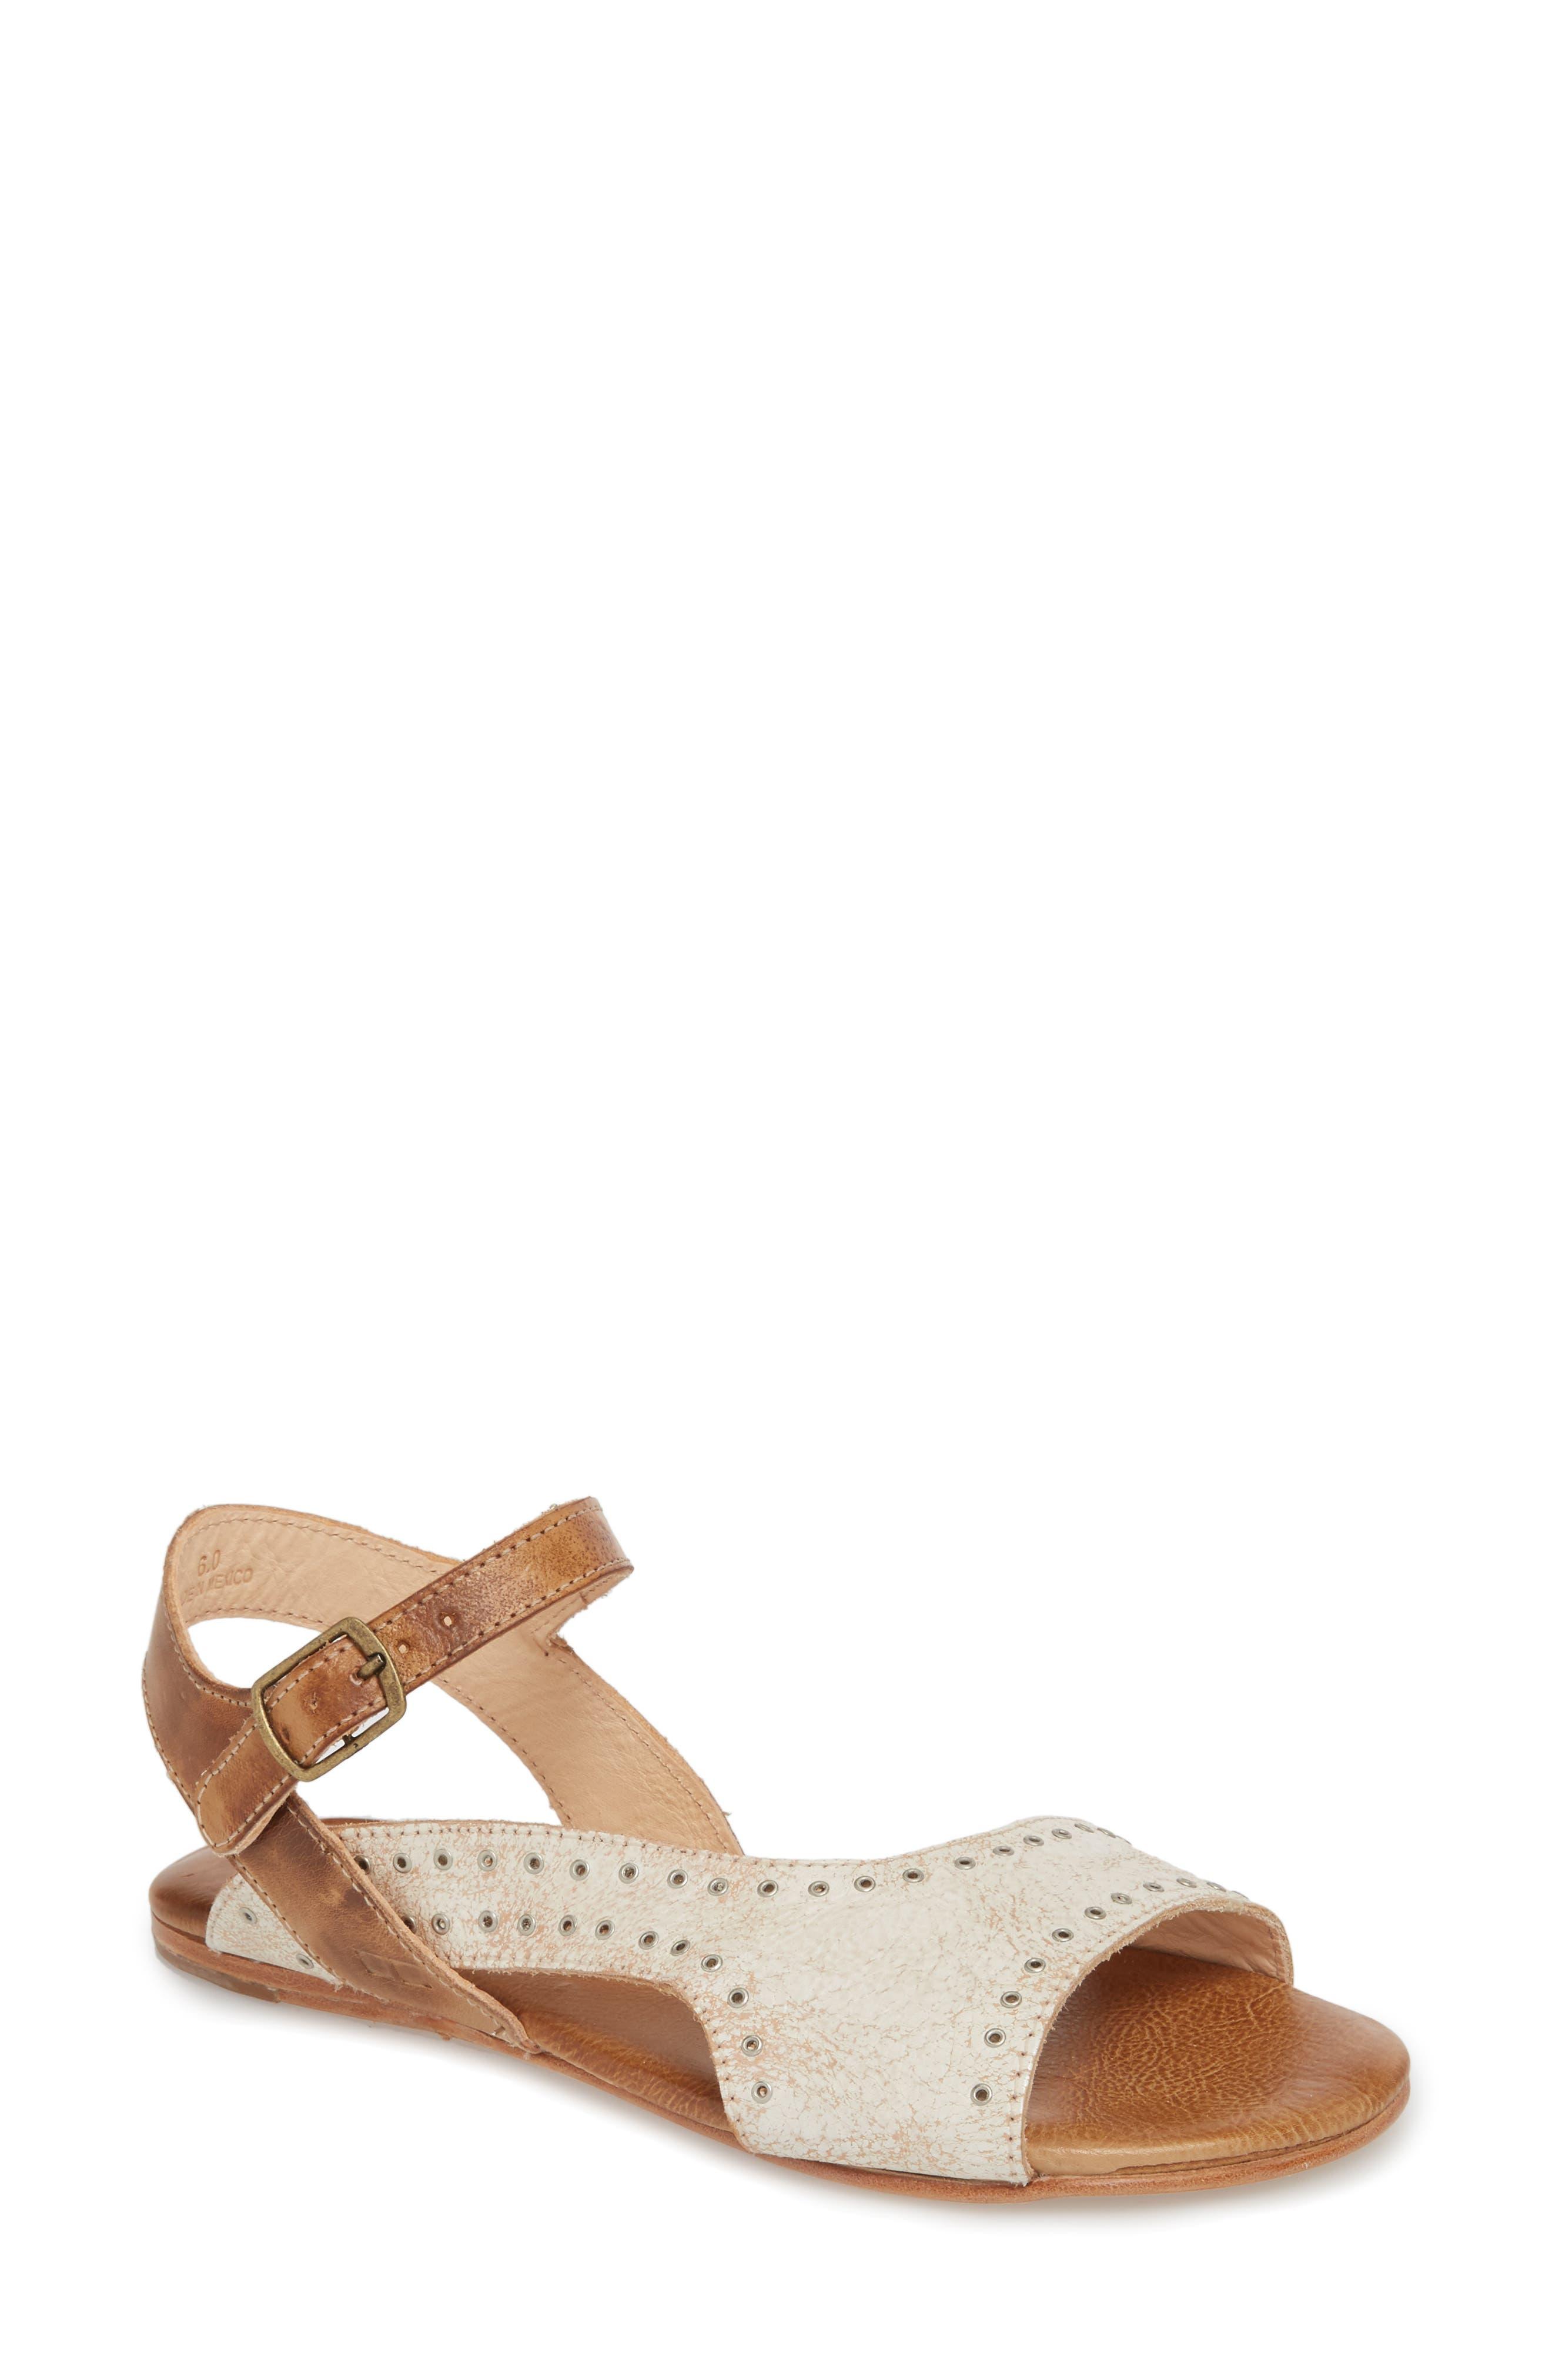 Auburn Flat Sandal,                         Main,                         color, Nectar/ Tan Leather